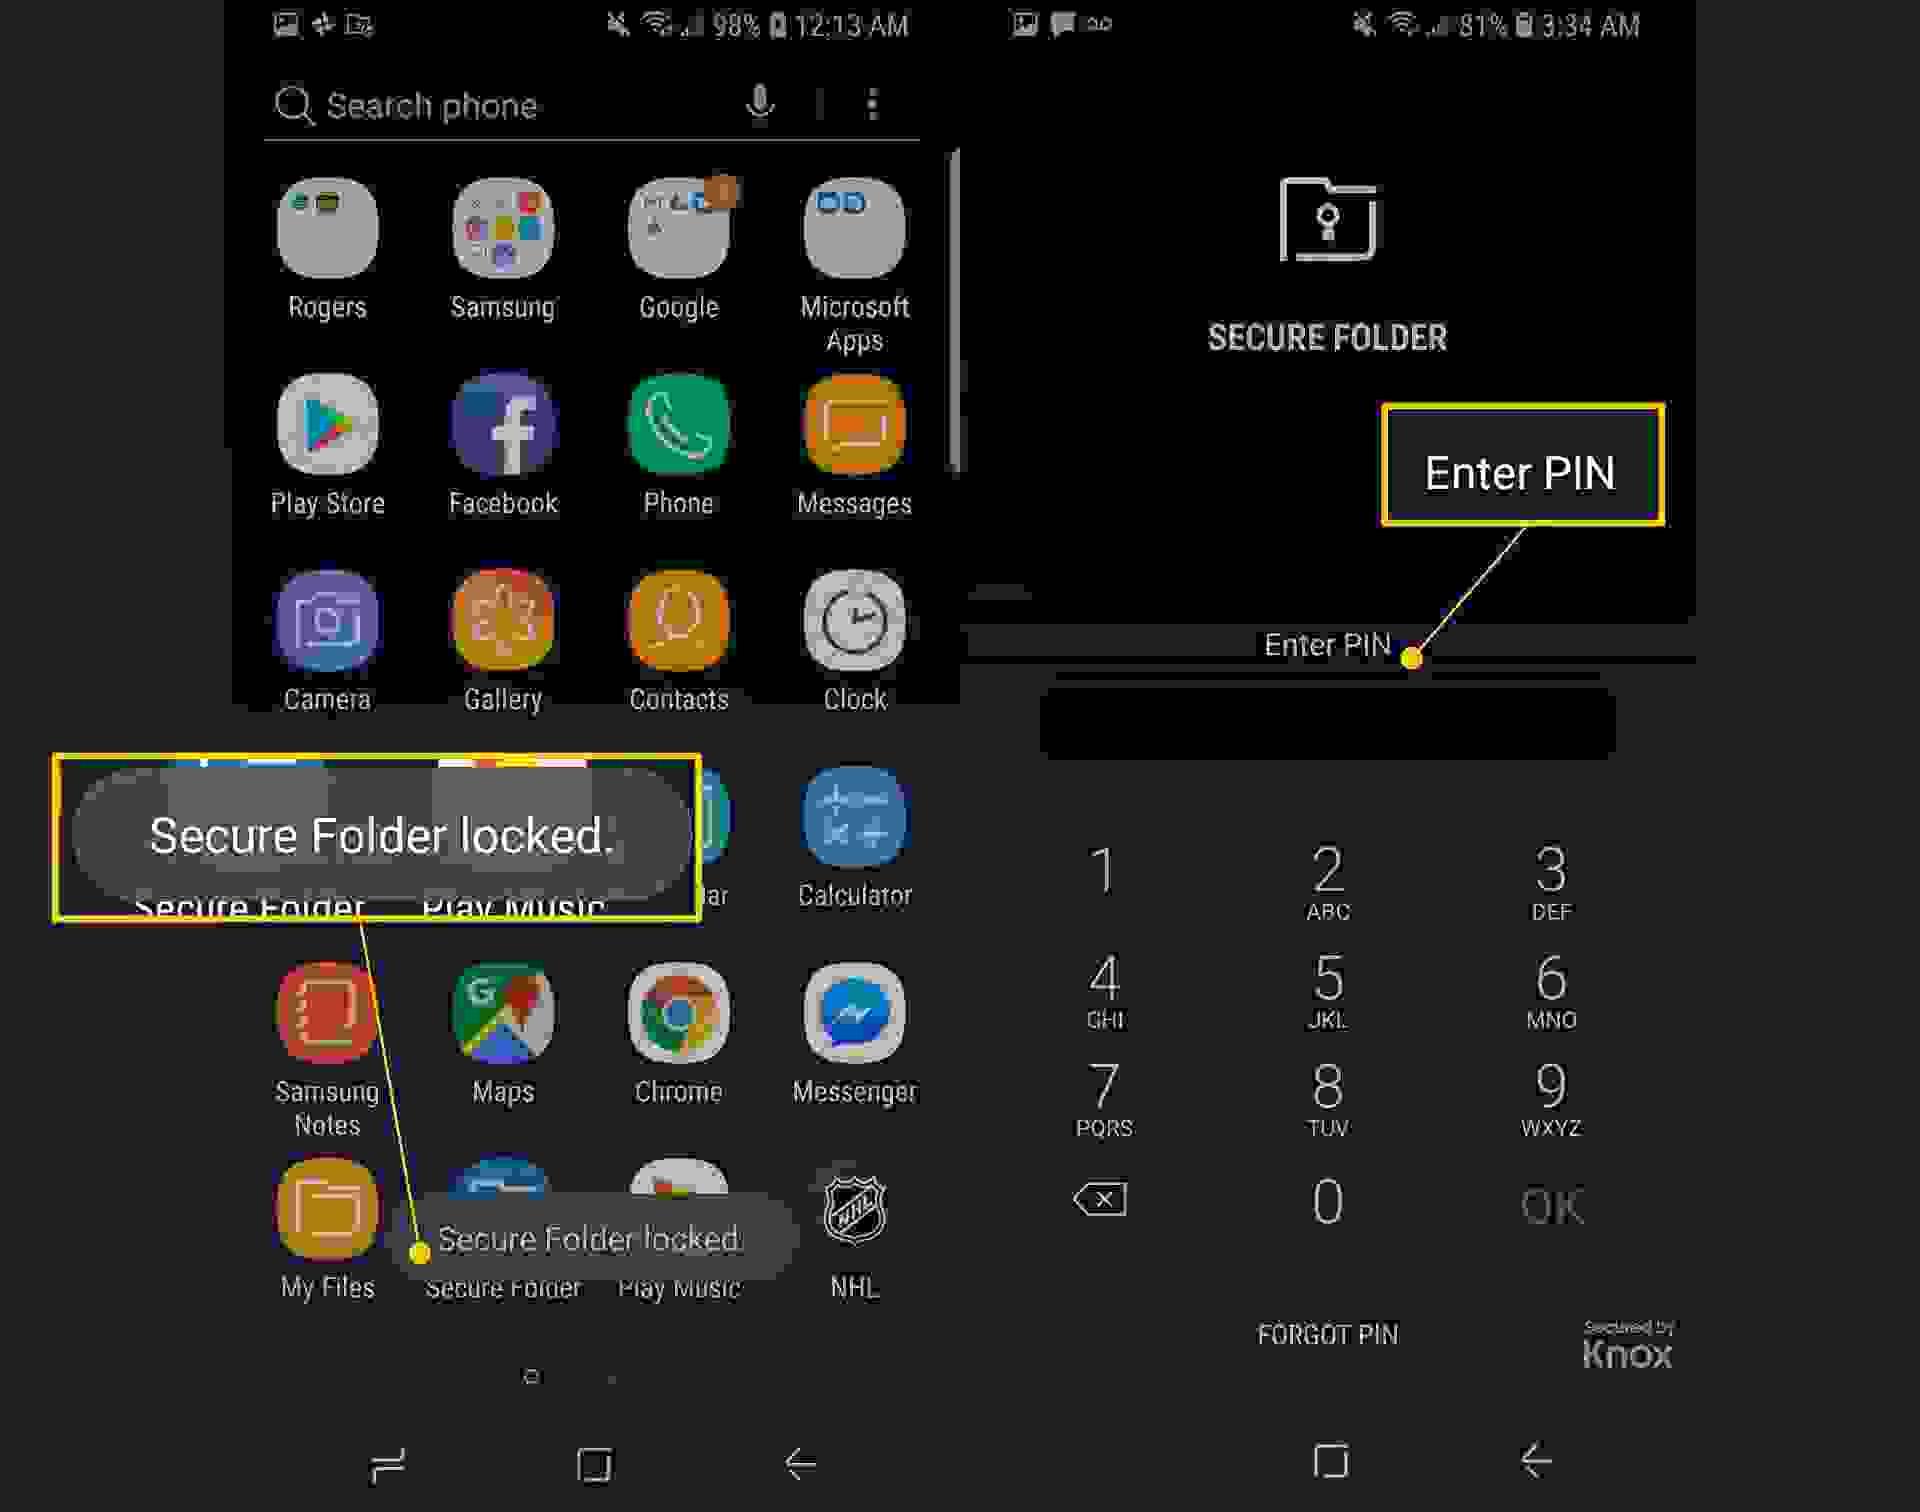 قفل التطبيقات على أندرويد باستخدام تقنية